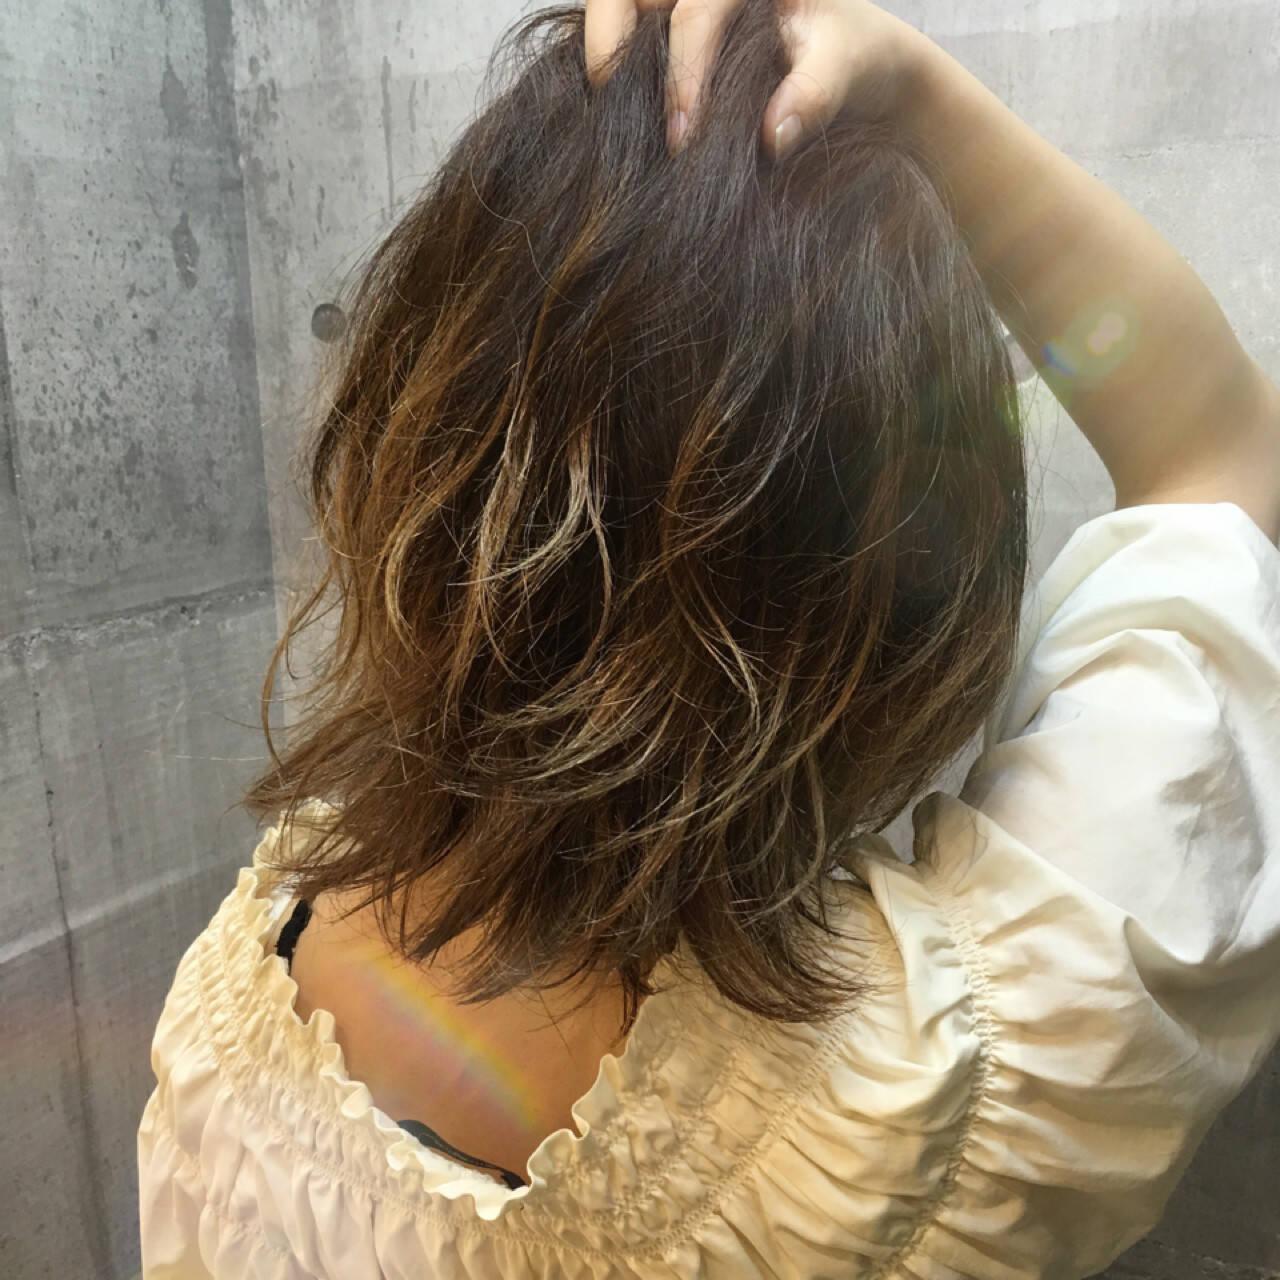 グラデーションカラー ハイライト ホワイト 外国人風カラーヘアスタイルや髪型の写真・画像